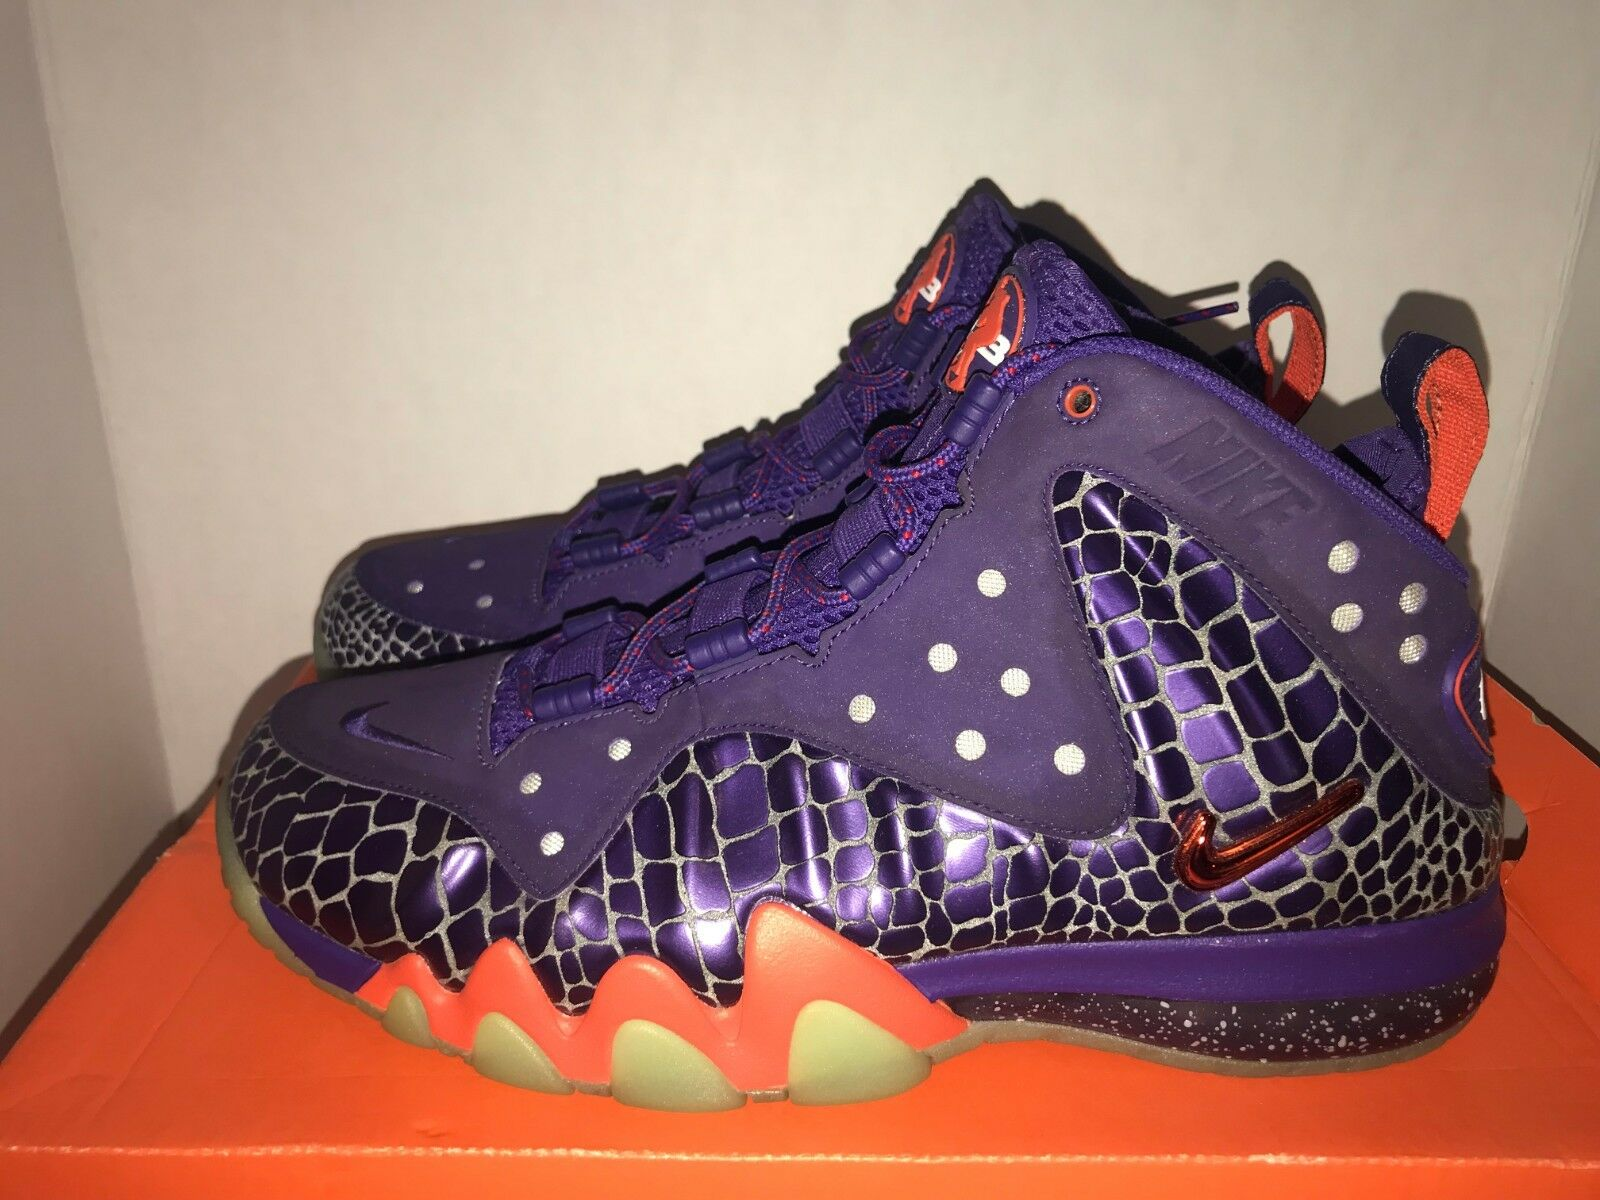 6e7921fd3a7 Nike Barkley Posite Max Phoenix Sun s Size 8 Deadstock for sale ...